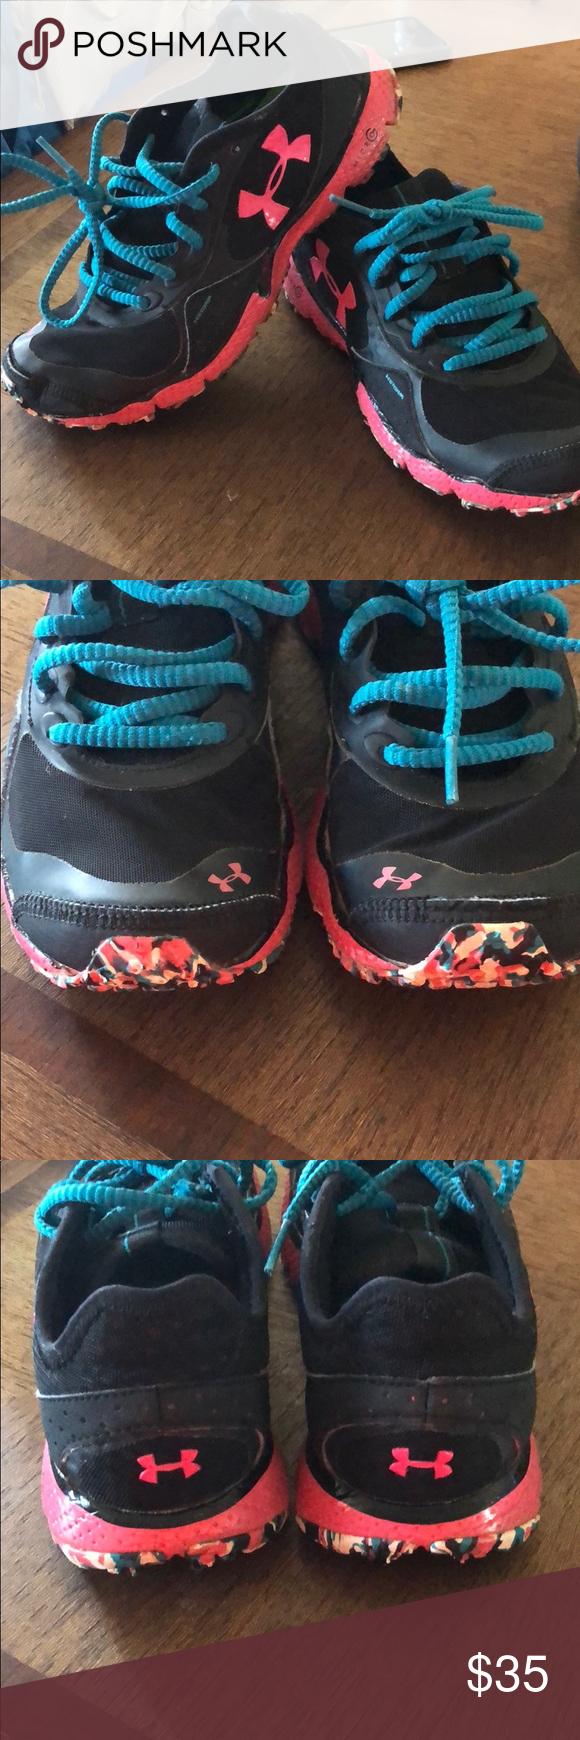 Women's Under Armour Tennis Shoes Multi